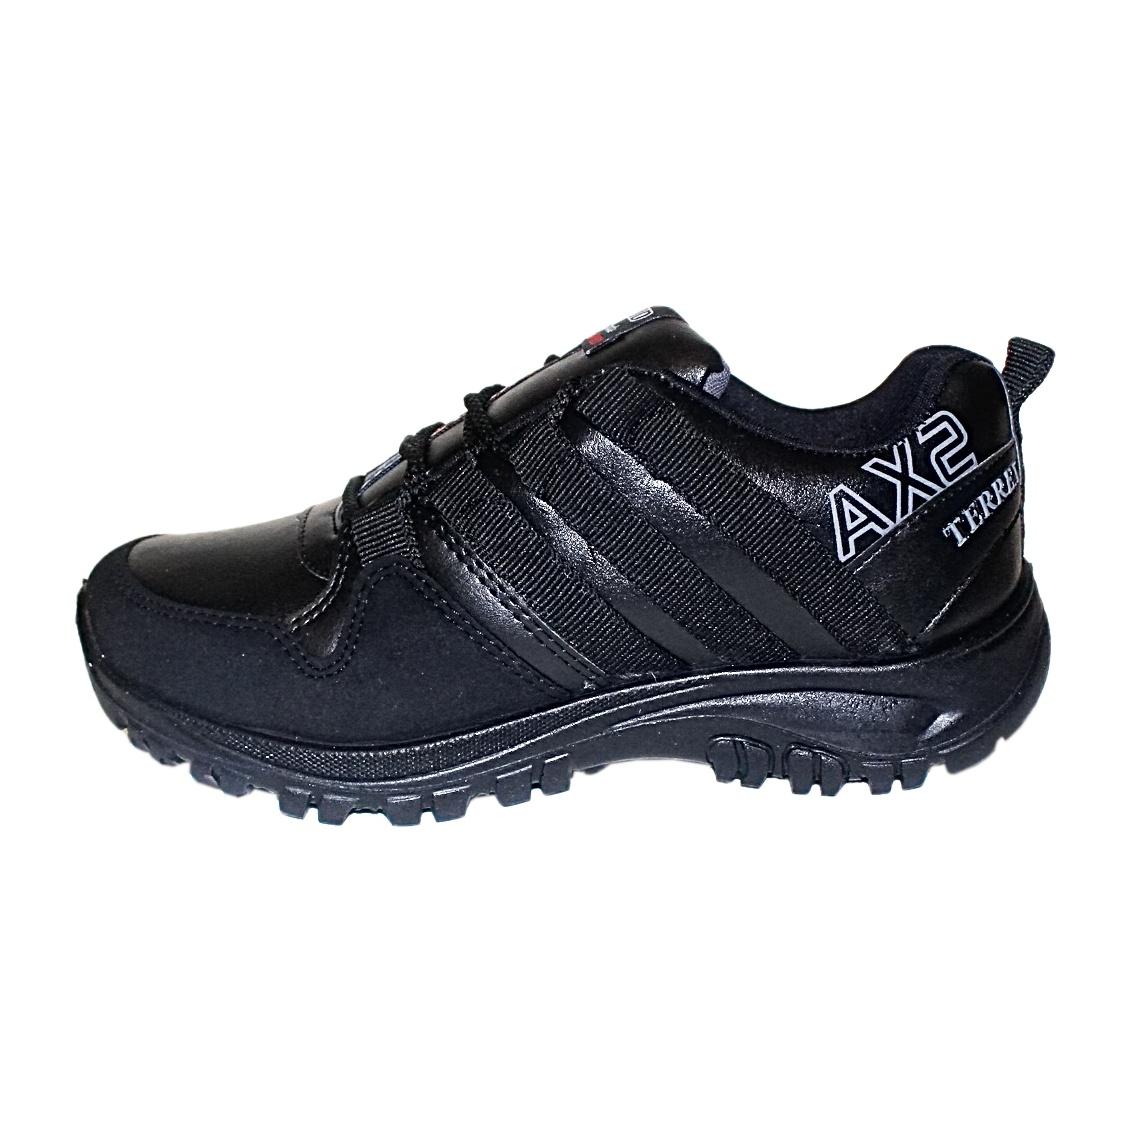 کفش مخصوص پیاده روی زنانه مدل حمید کد 0041